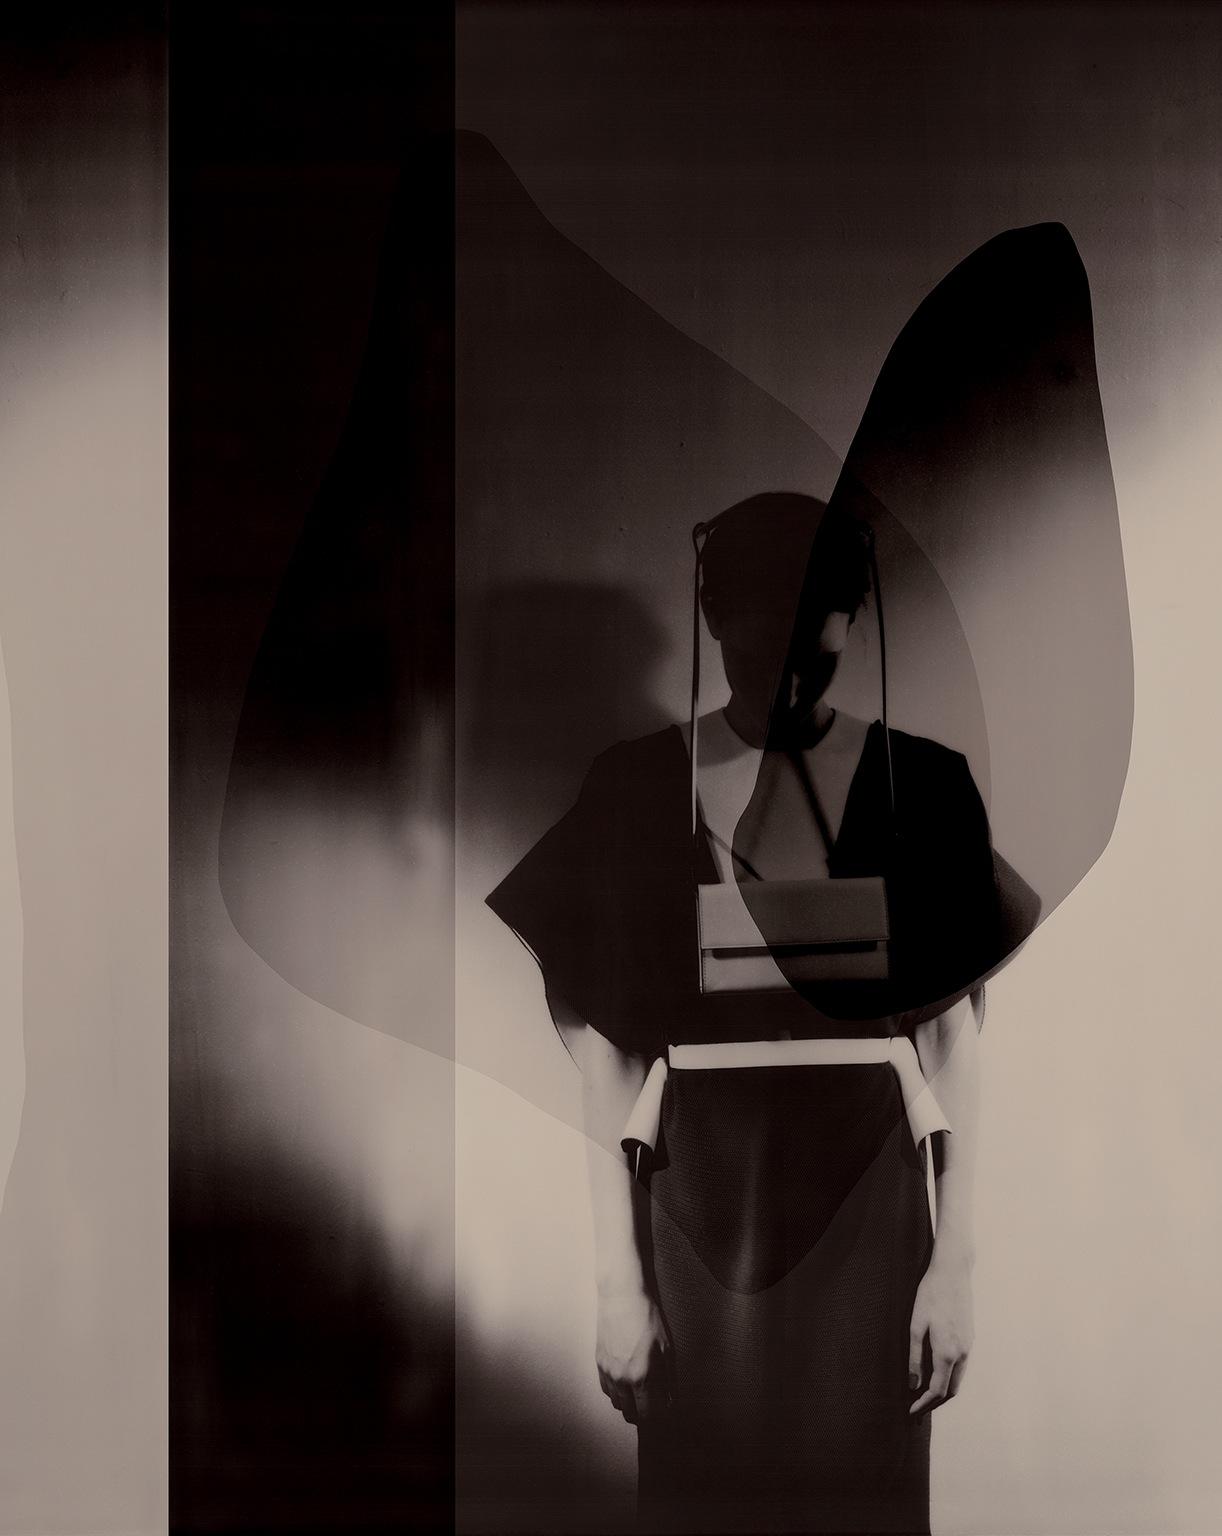 Sophie_Hirschy_Hirschfelder-Jean-François-Lepage-Grey_Magazine-01-thelibertine.jpeg